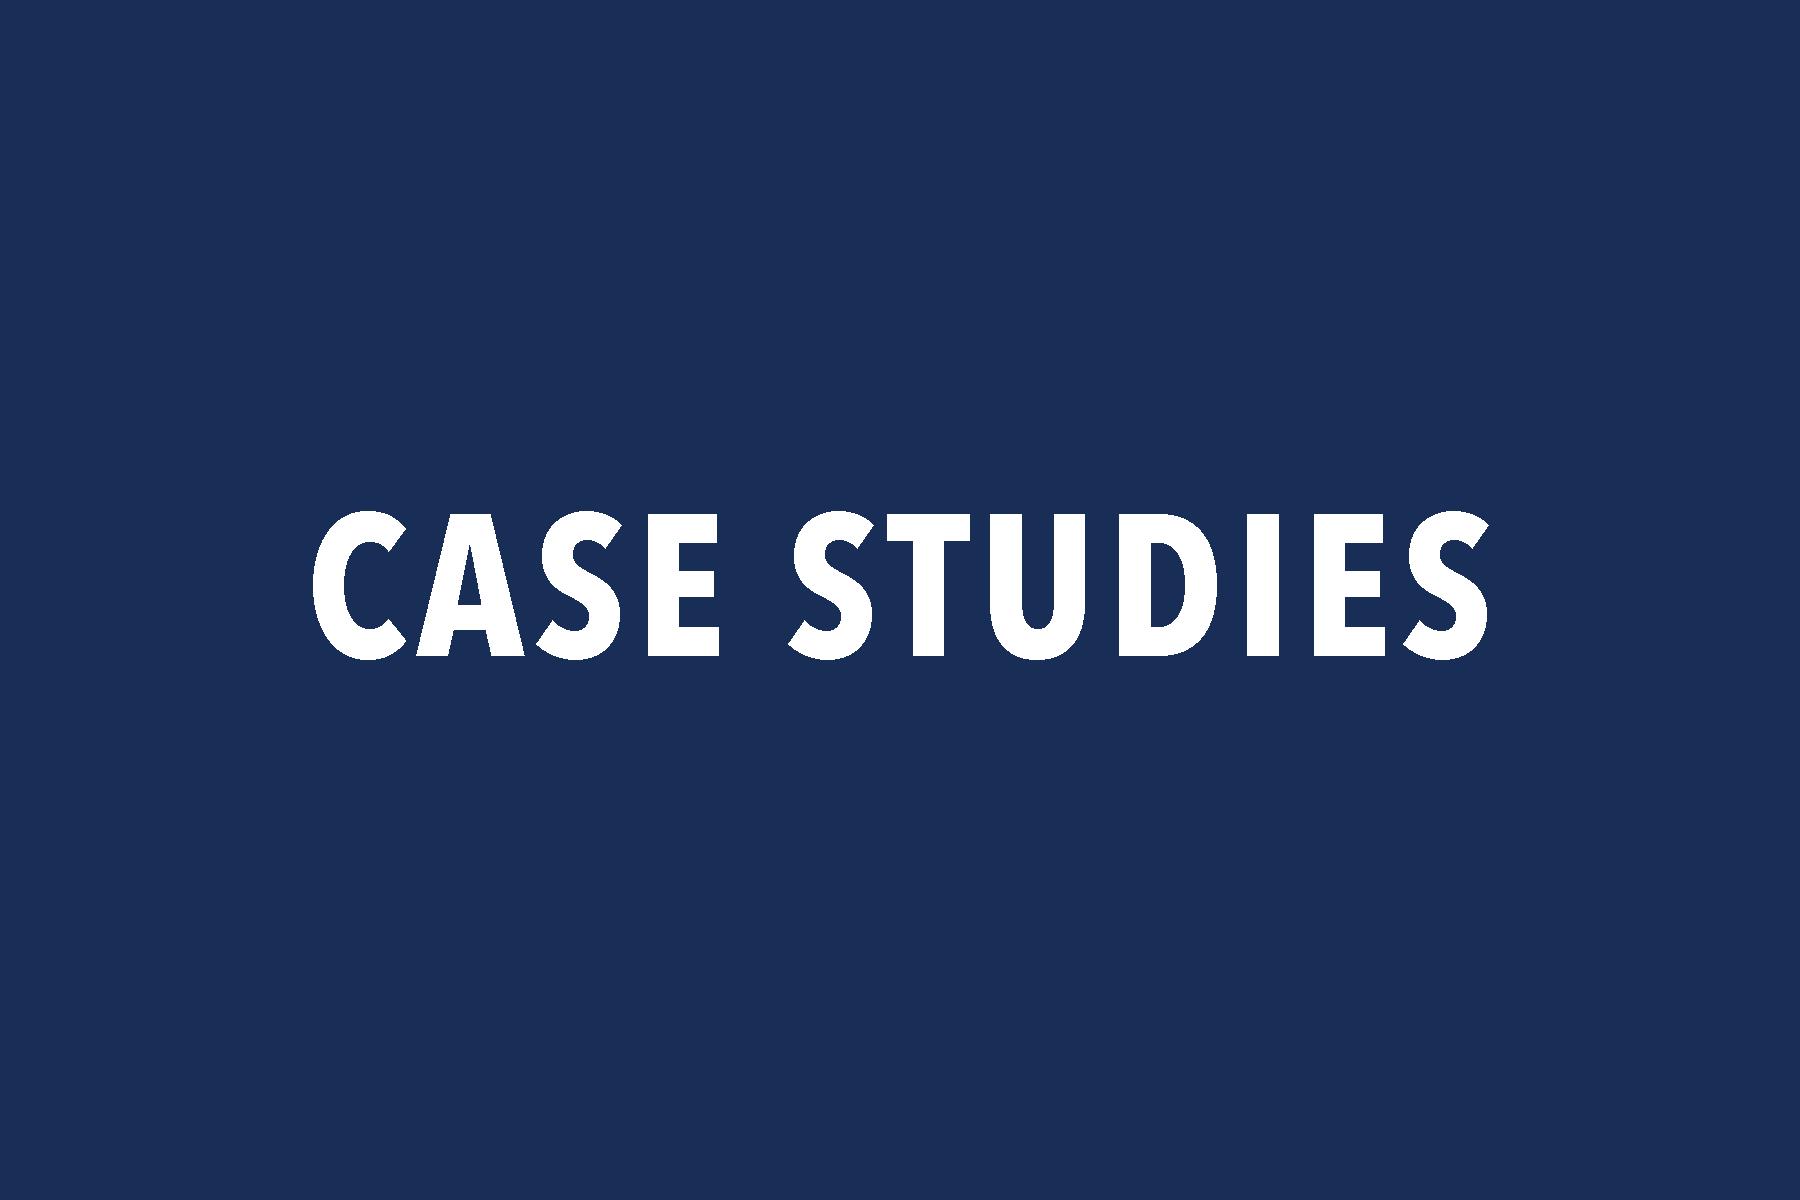 Case Studies.png